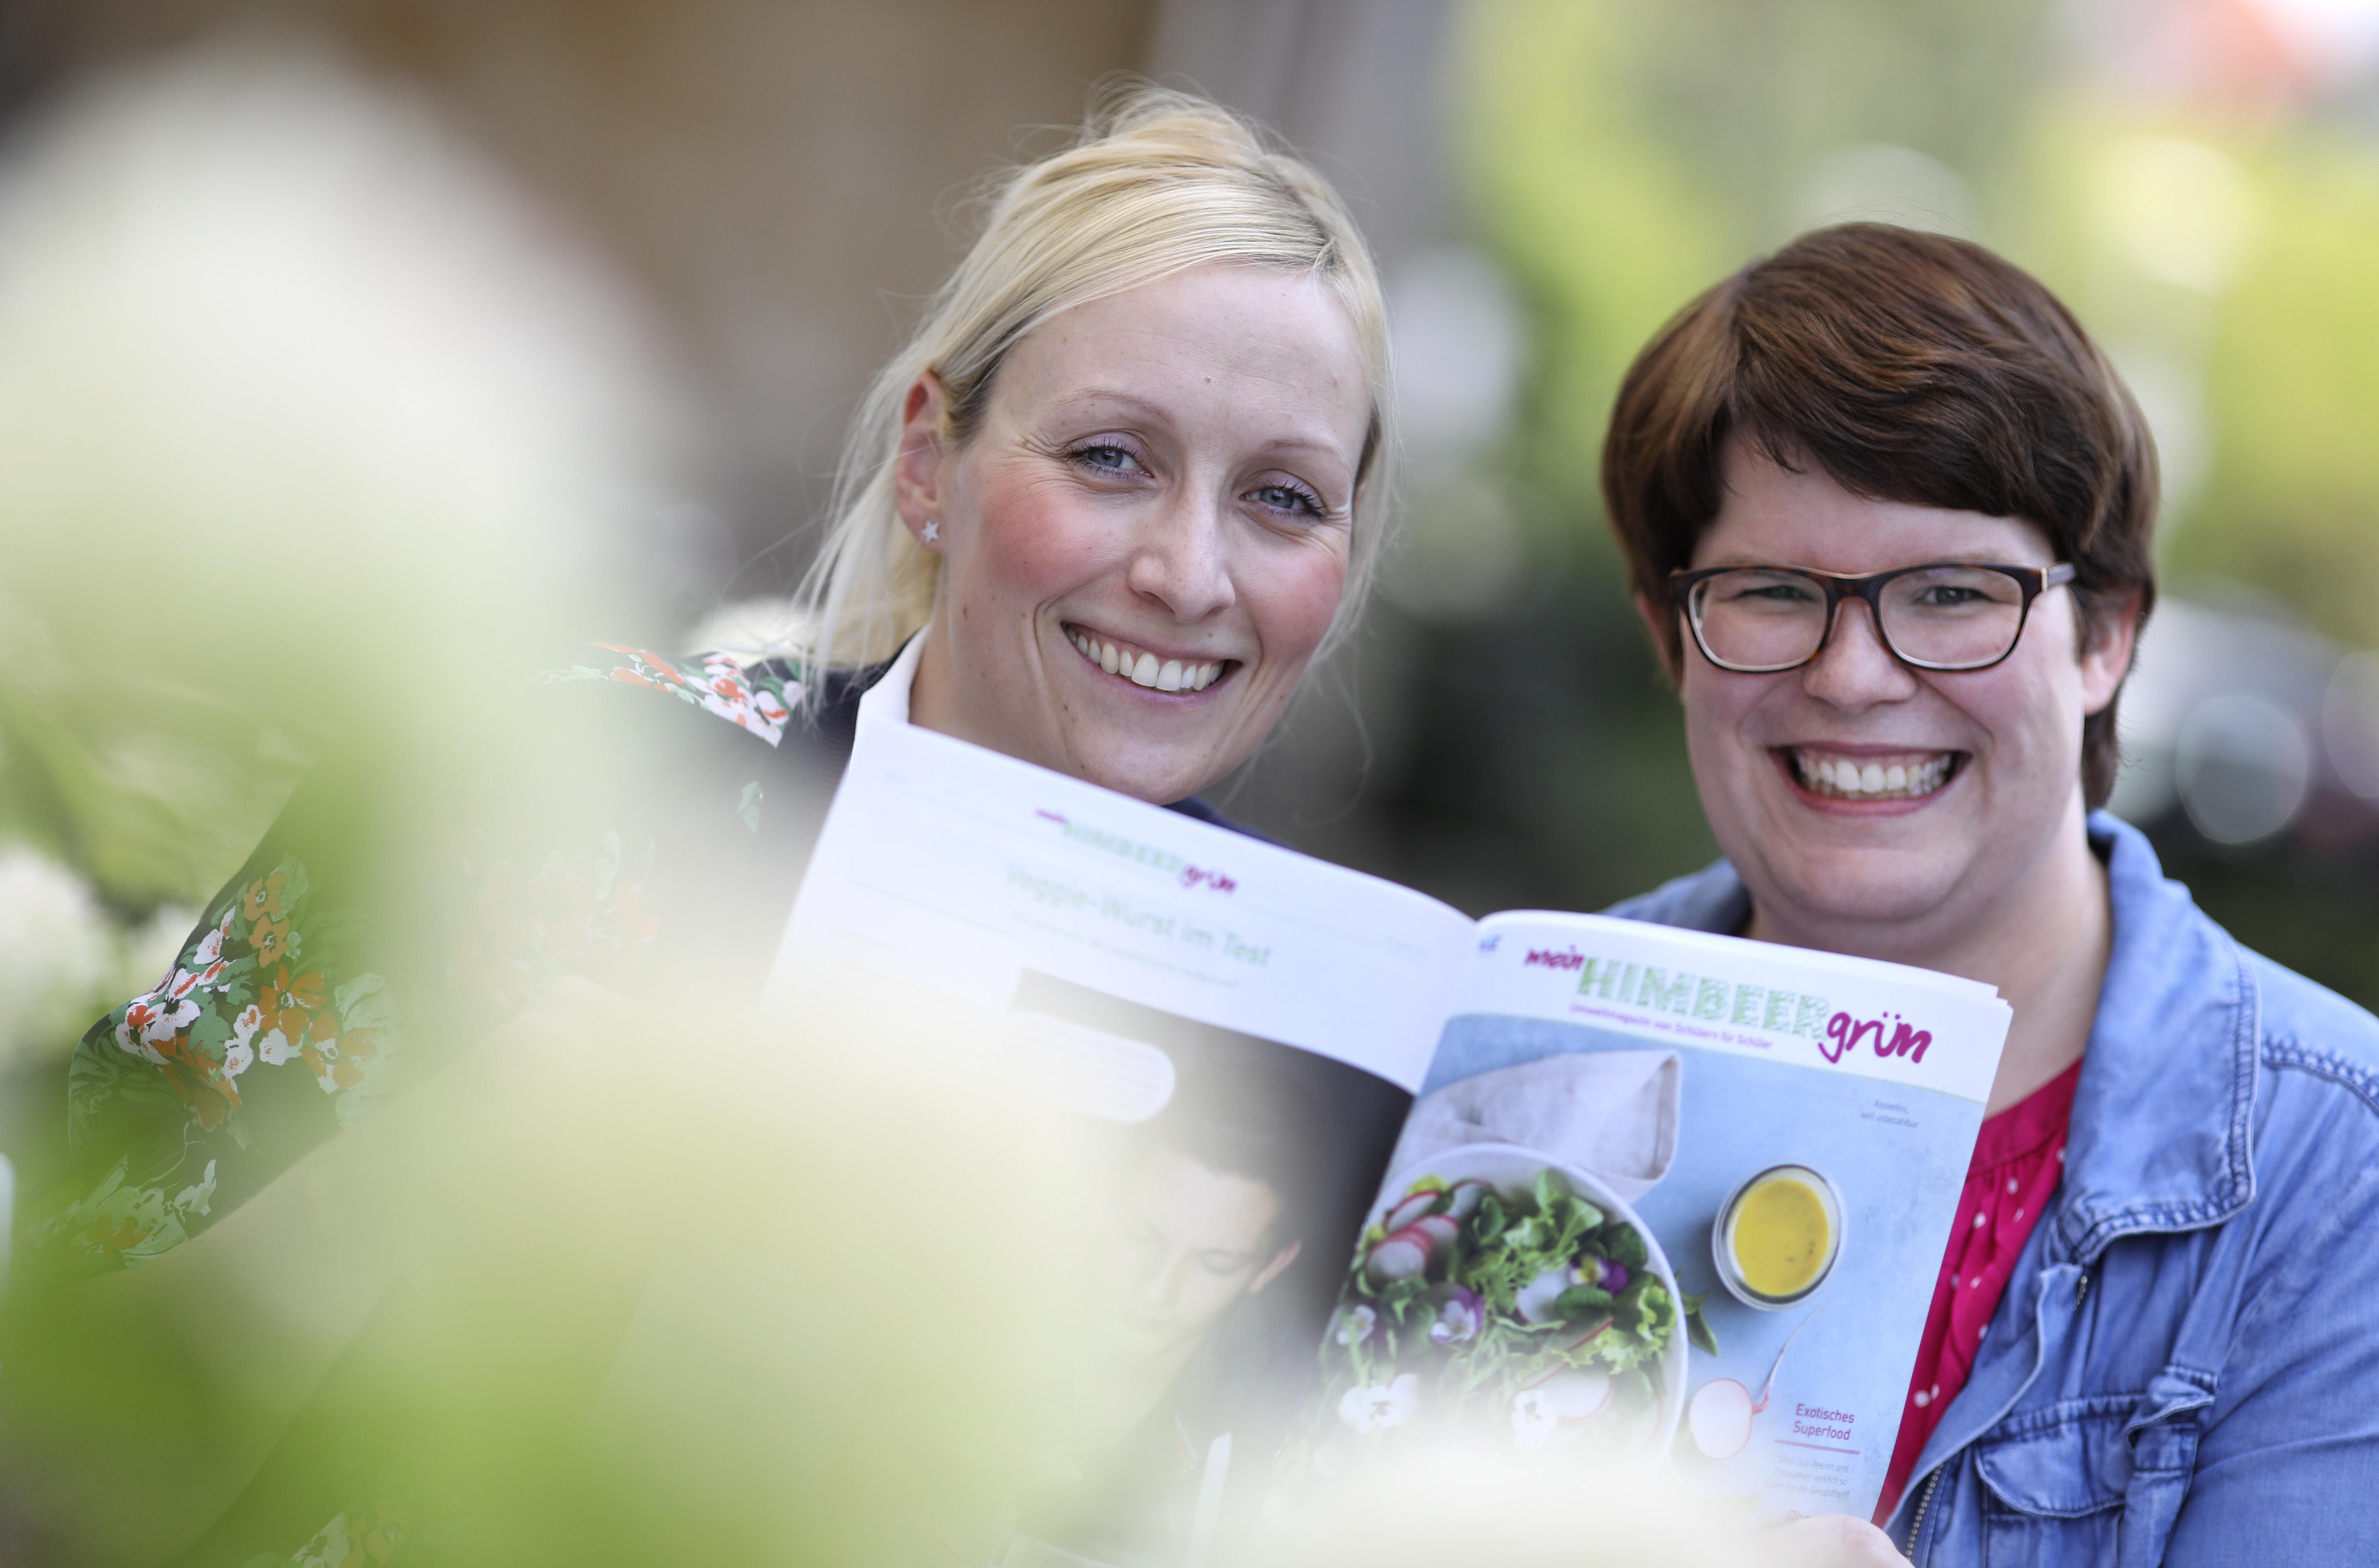 Himbeergrün: Nina Strakeljahn und Kathrin Pohlmann machen das NOZ-Magazin. 09.08.2017, Foto: Gert Westdörp